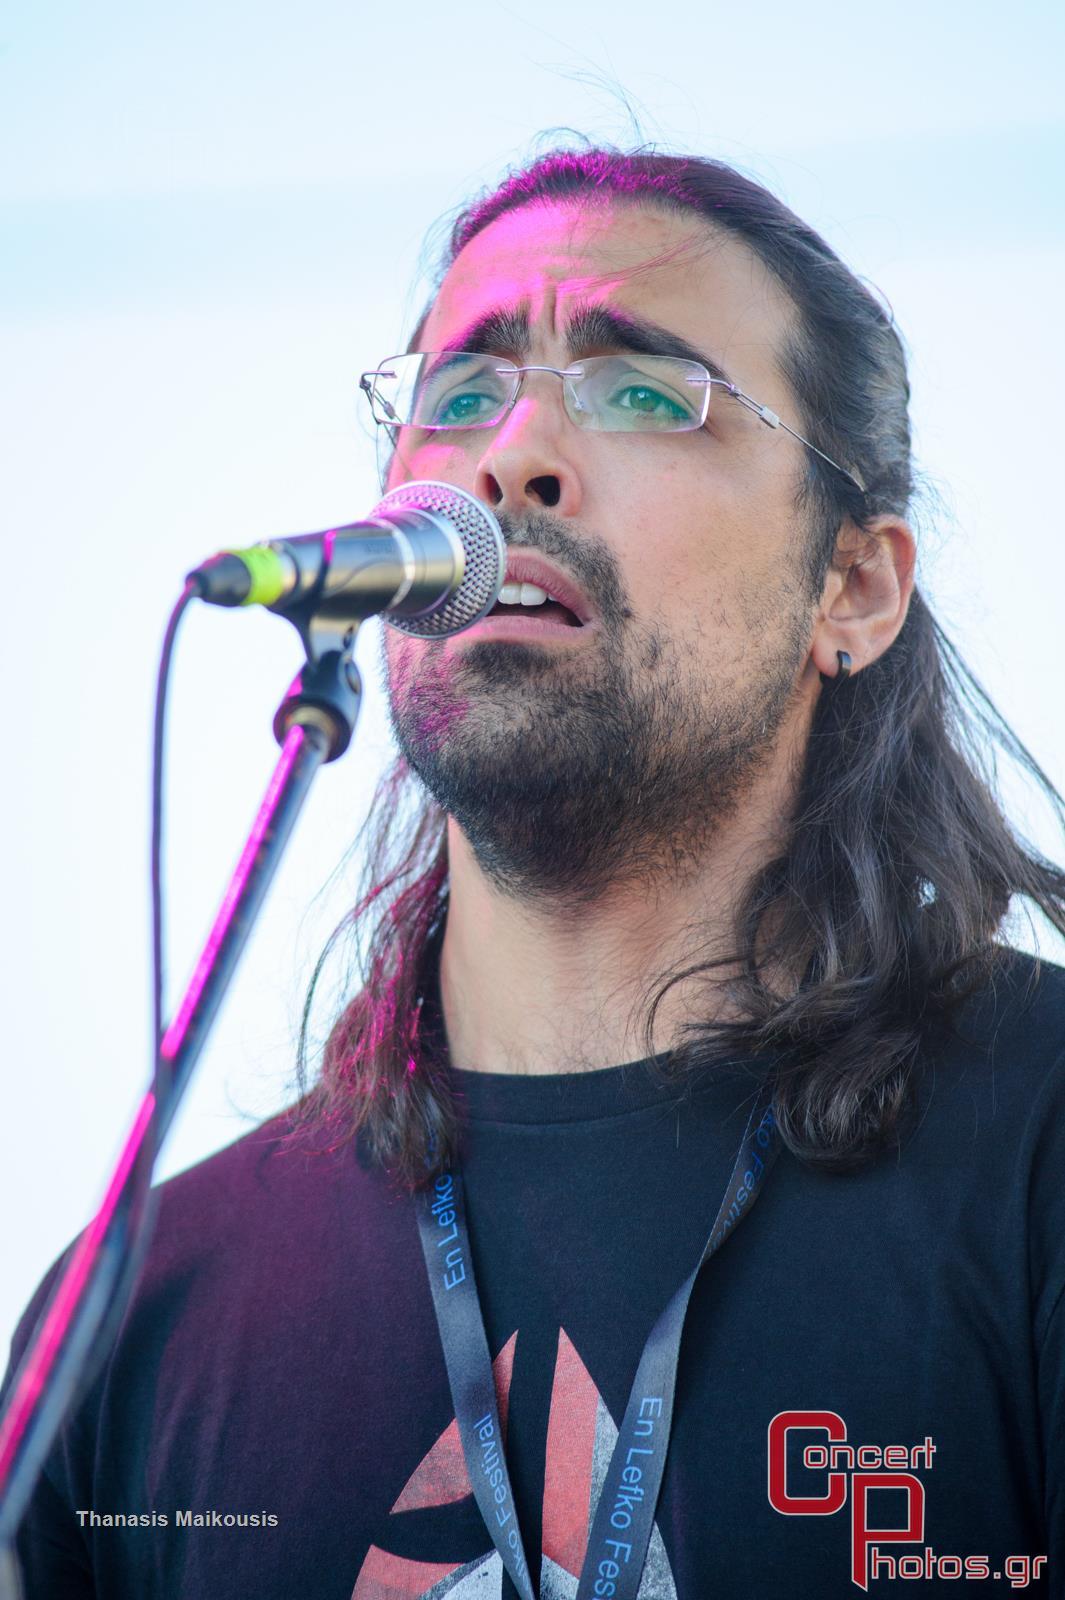 En Lefko 2014-En Lefko 2014 photographer: Thanasis Maikousis - concertphotos_20140621_19_36_29